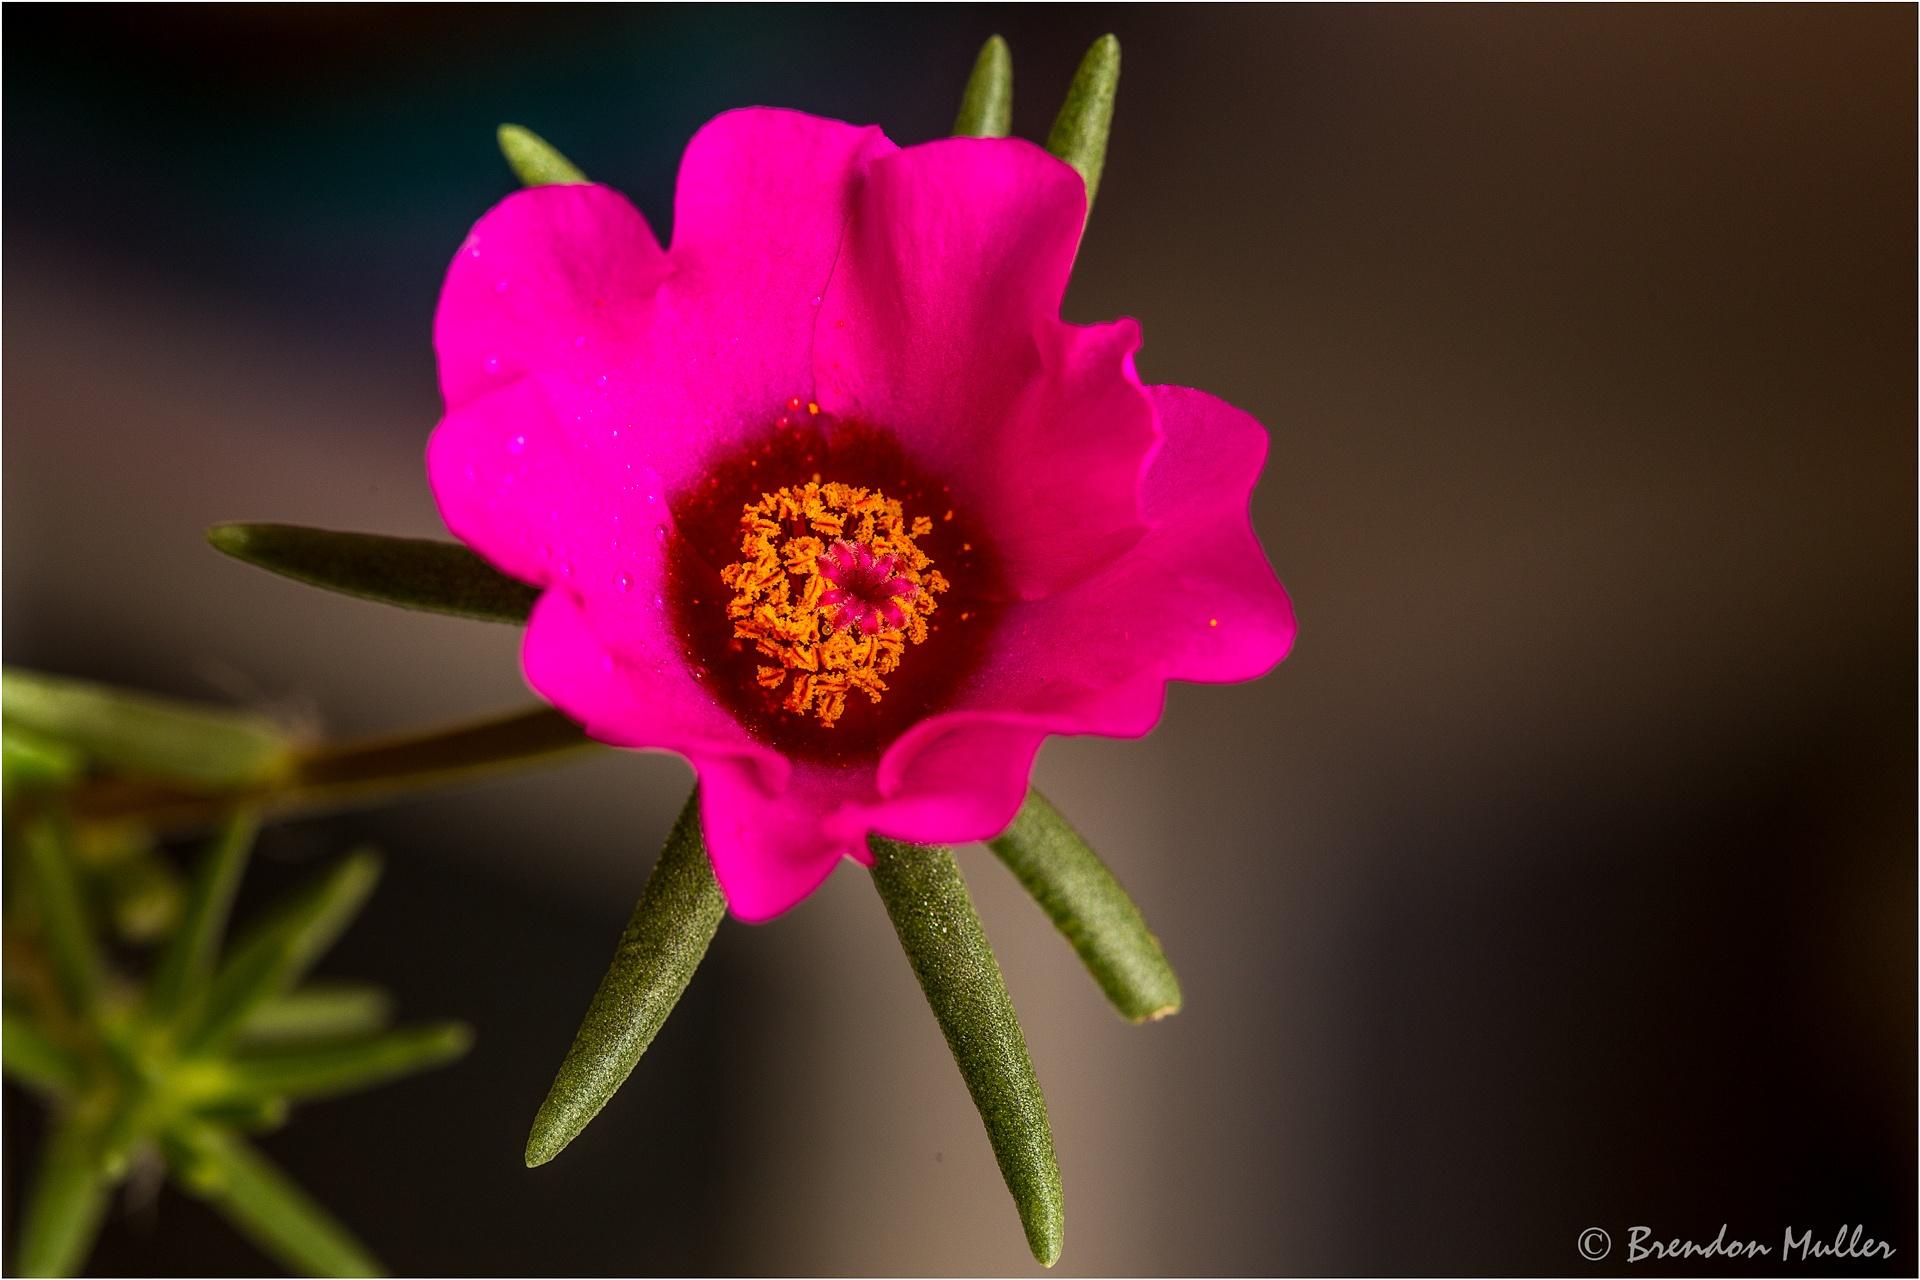 Wild Flower by Brendon Muller